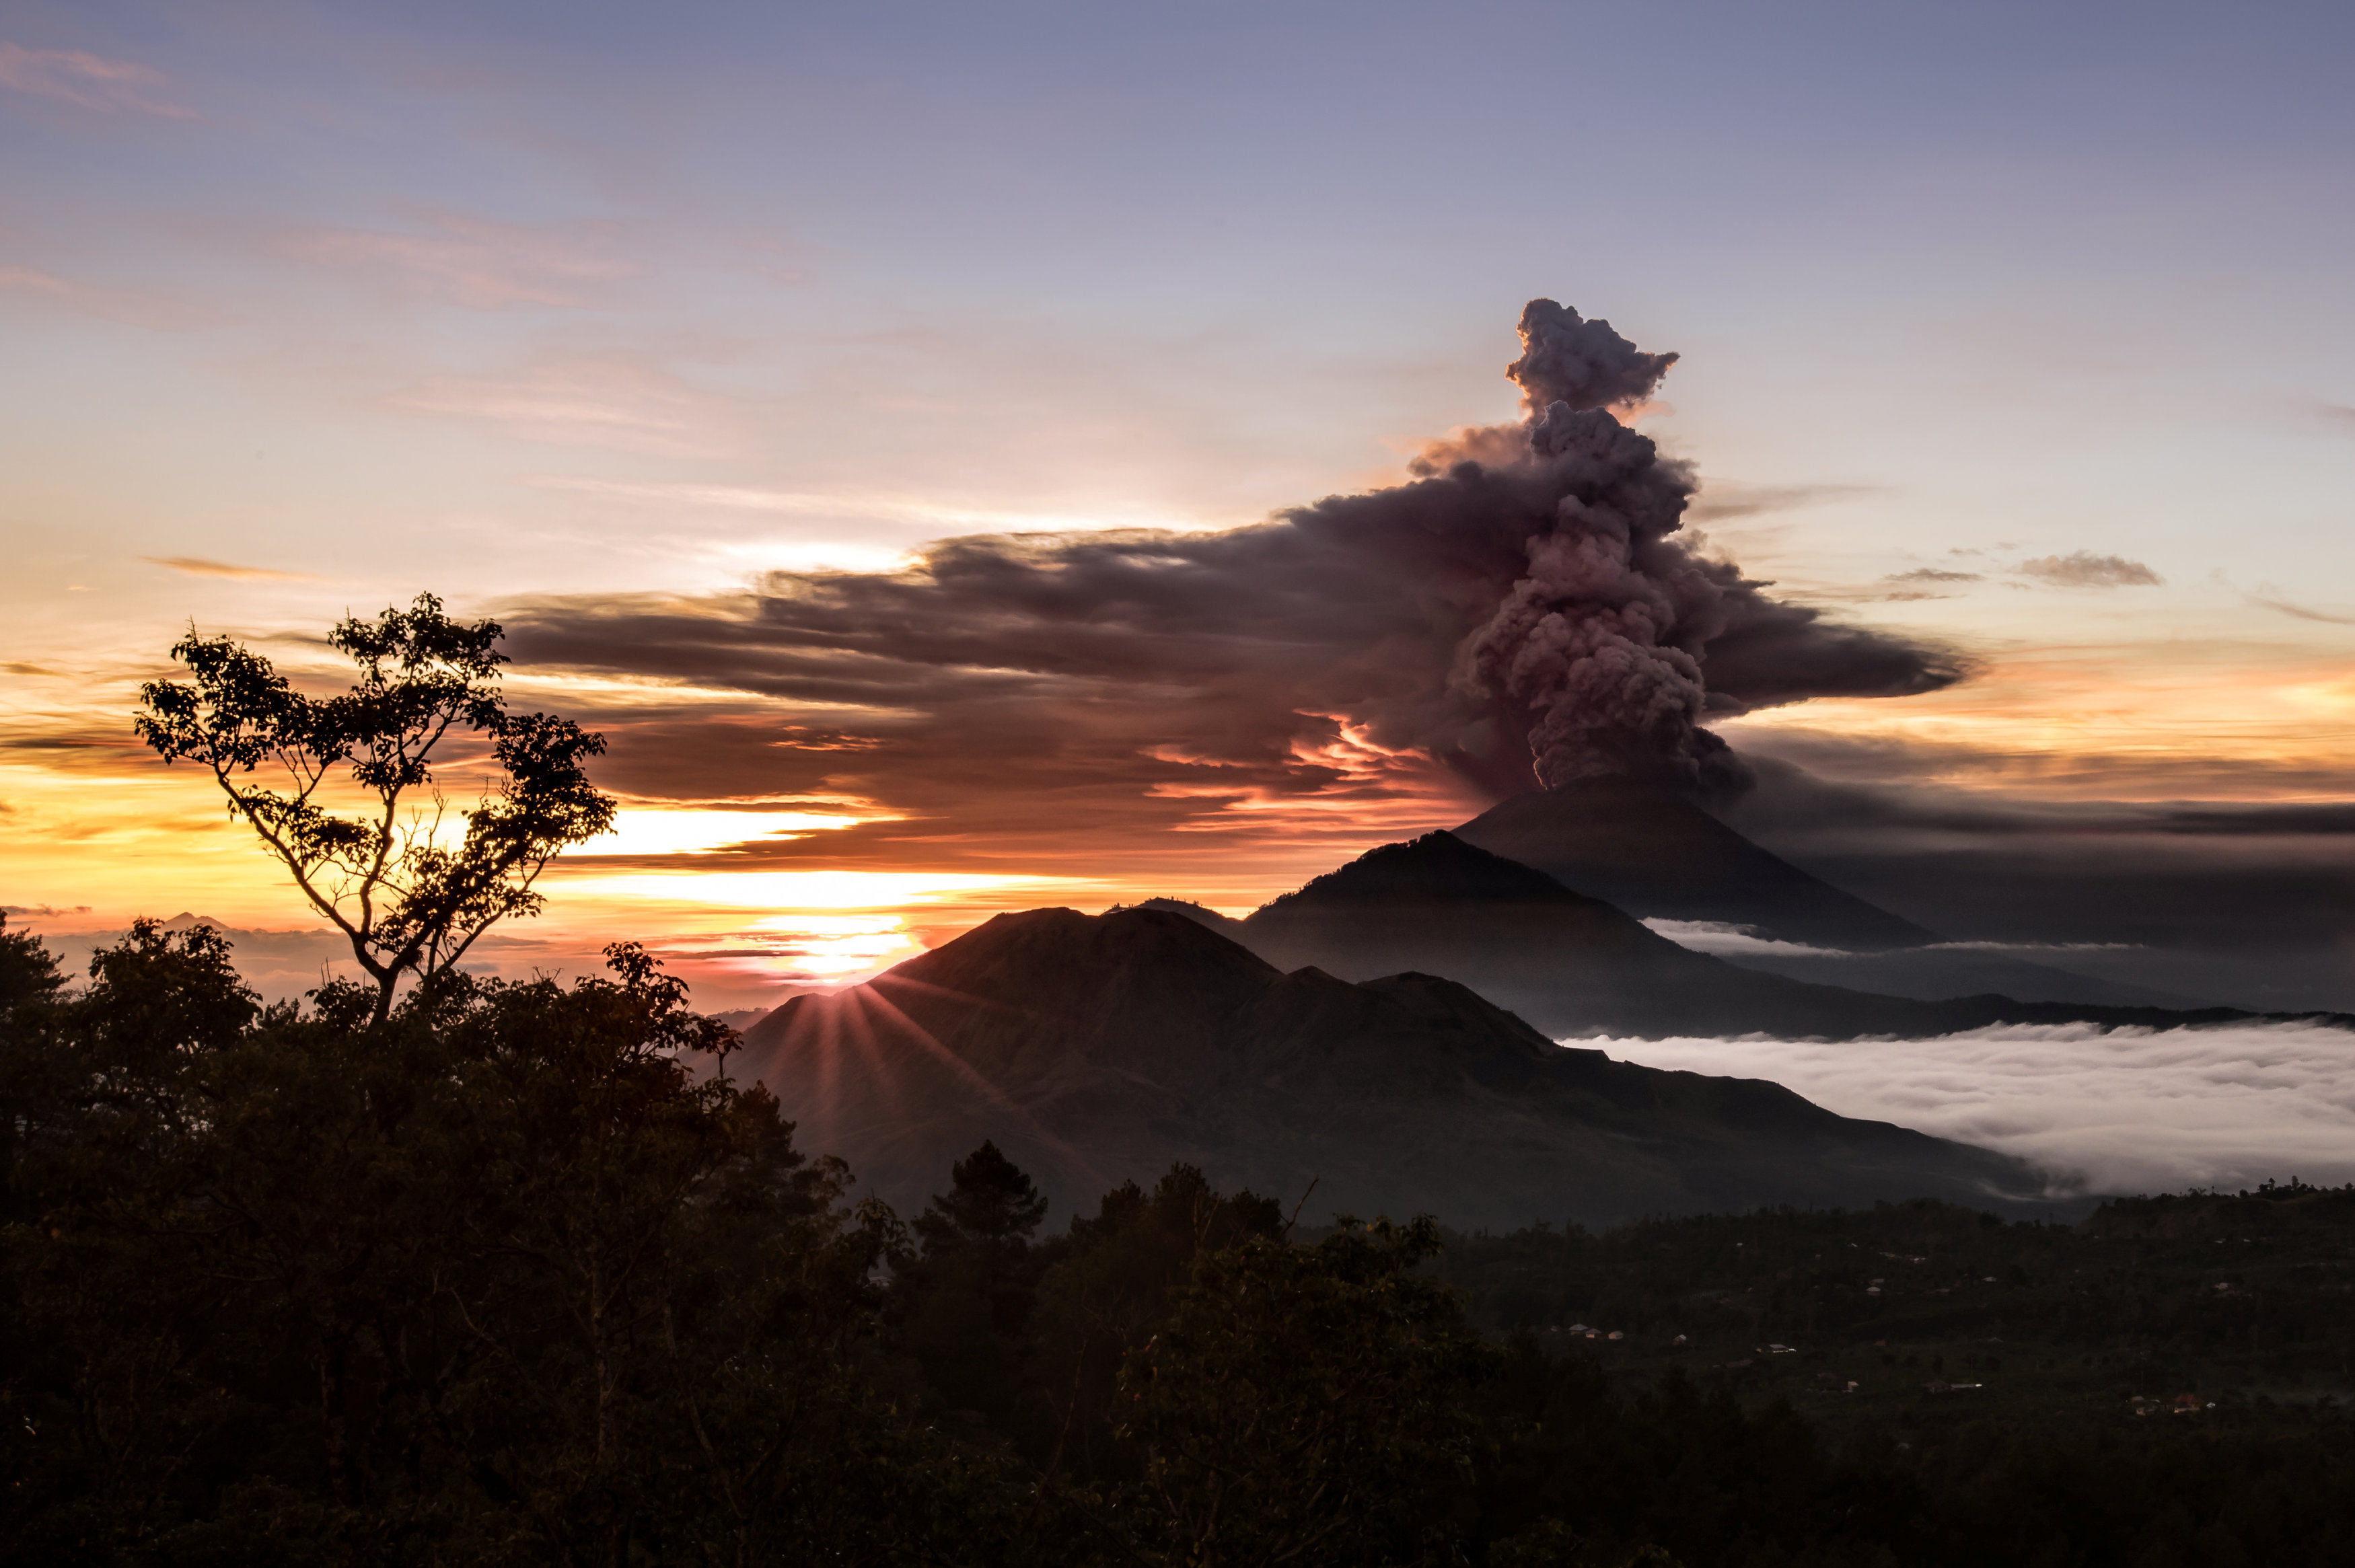 Le volcan Agung crache des cendres et de la fumée à Bali